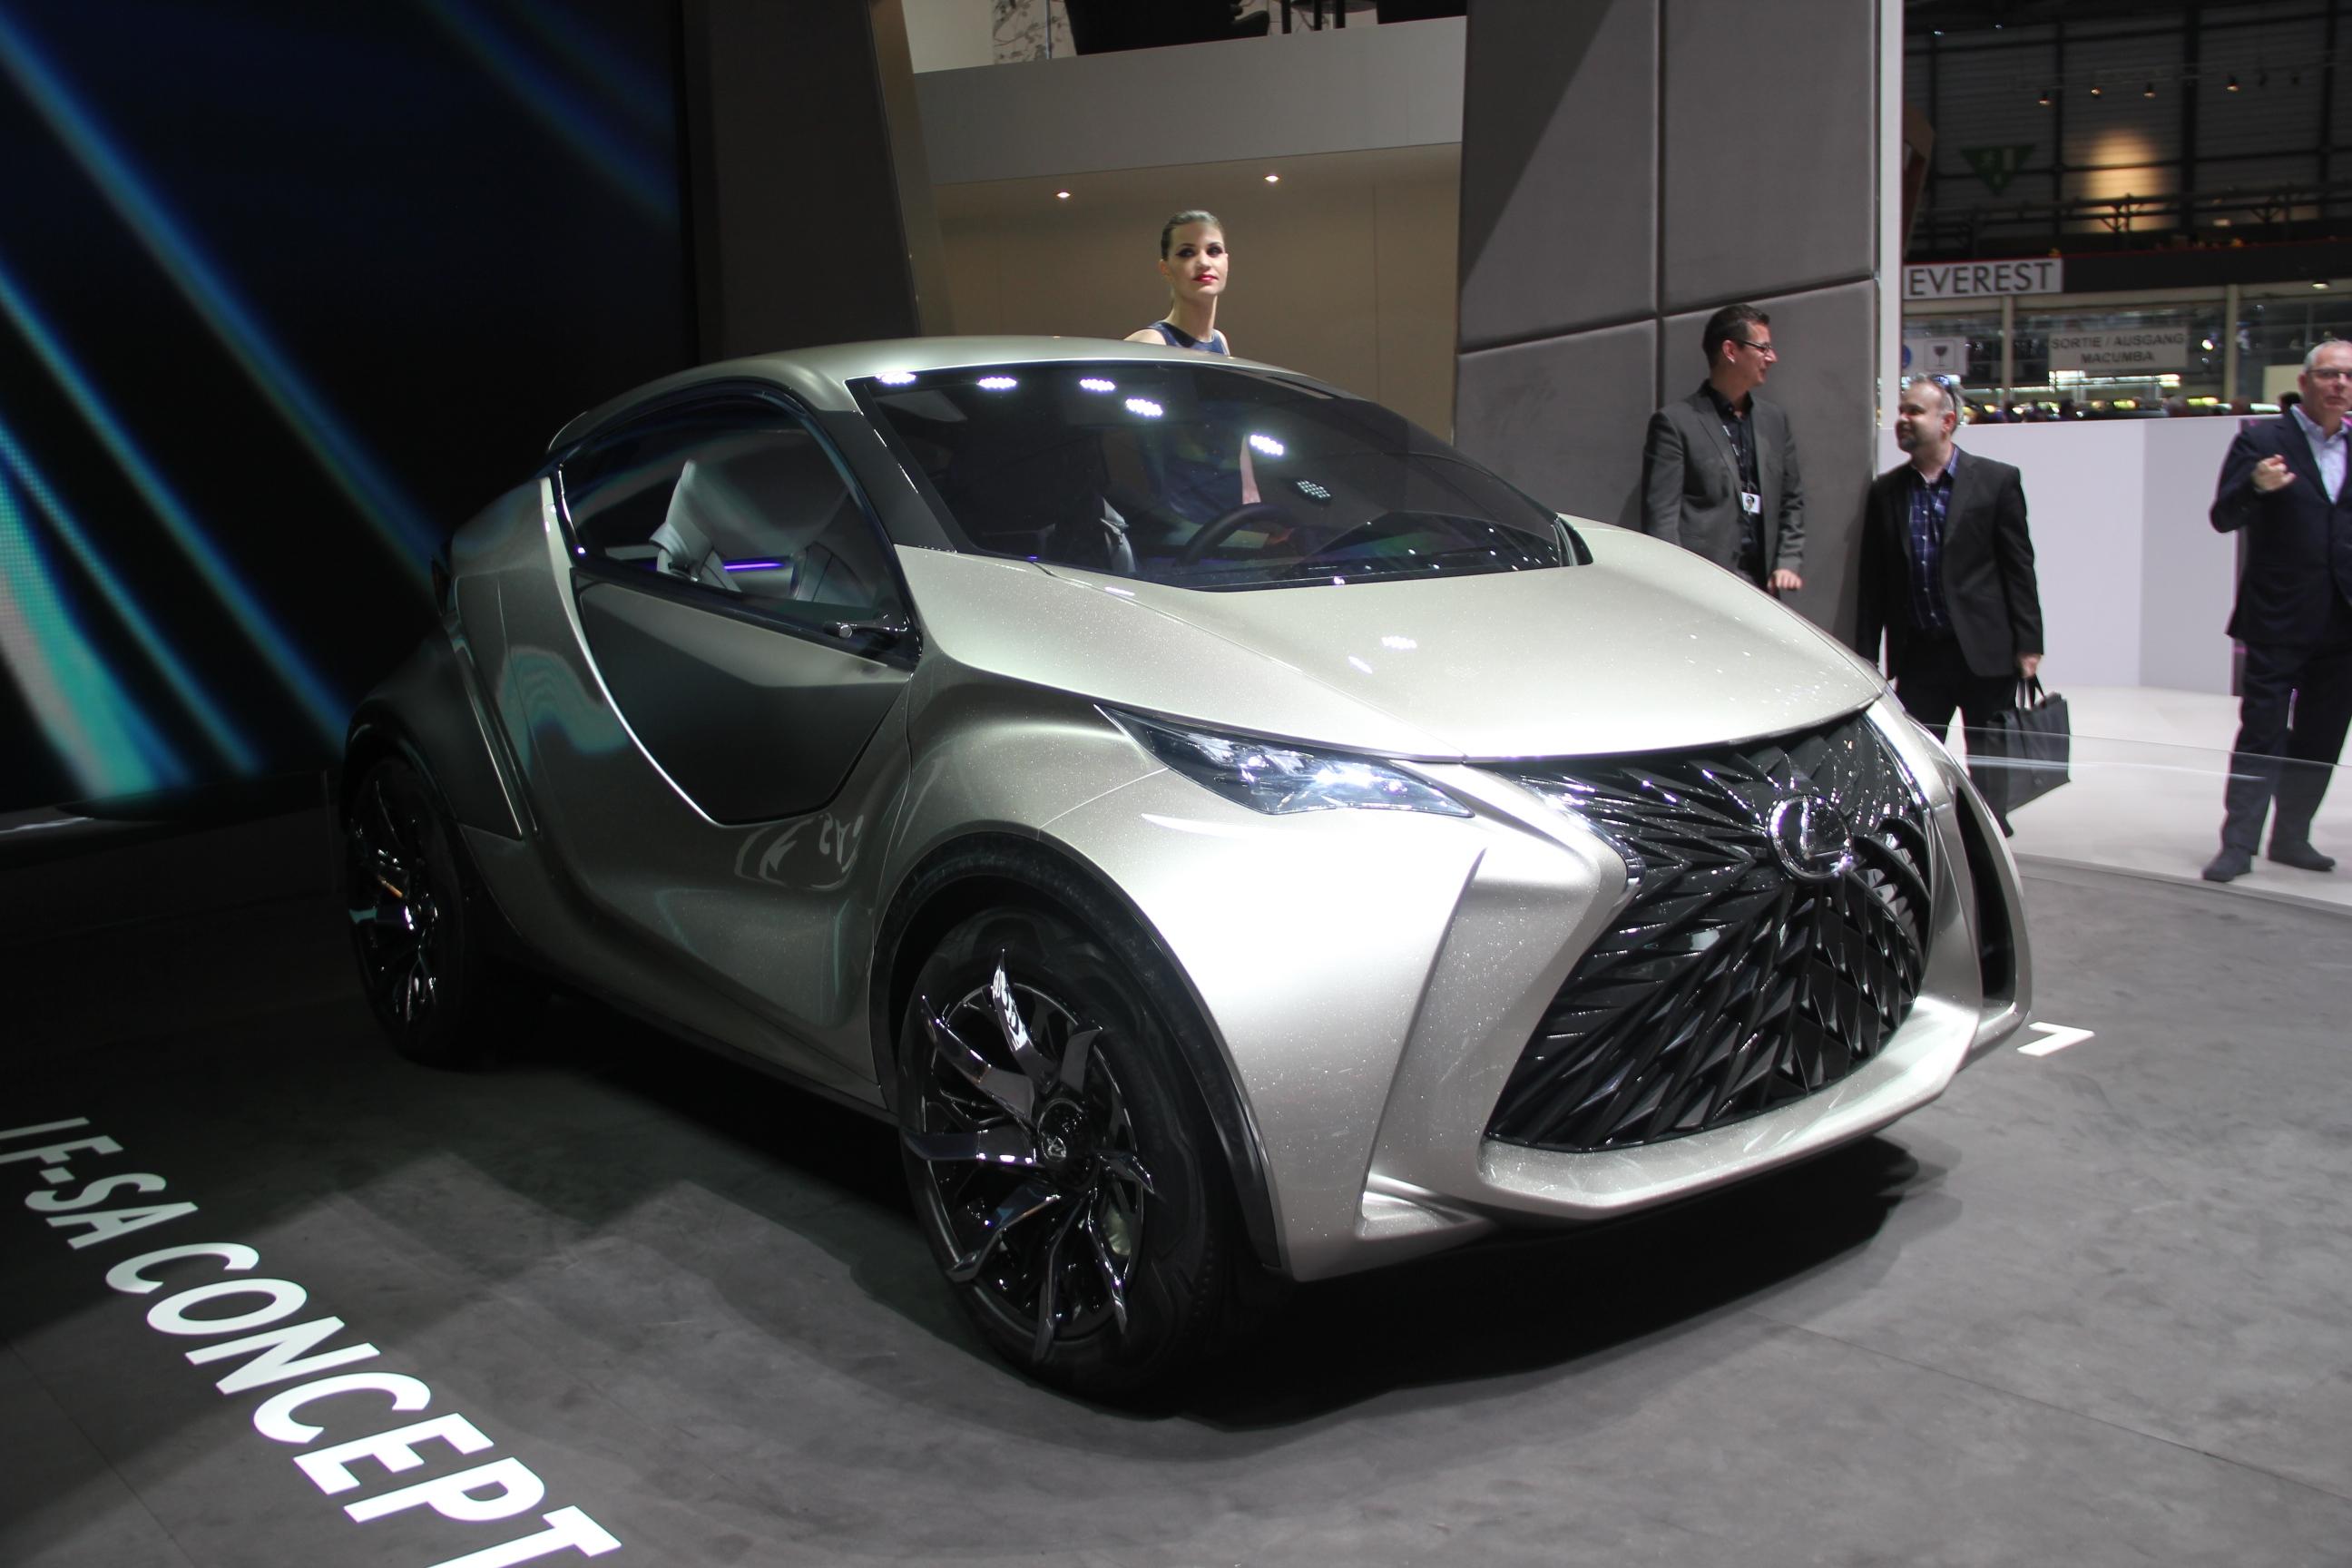 S0-Lexus-LF-SA-Concept-nouveaux-horizons-En-direct-du-salon-de-Geneve-2015-347814.jpg